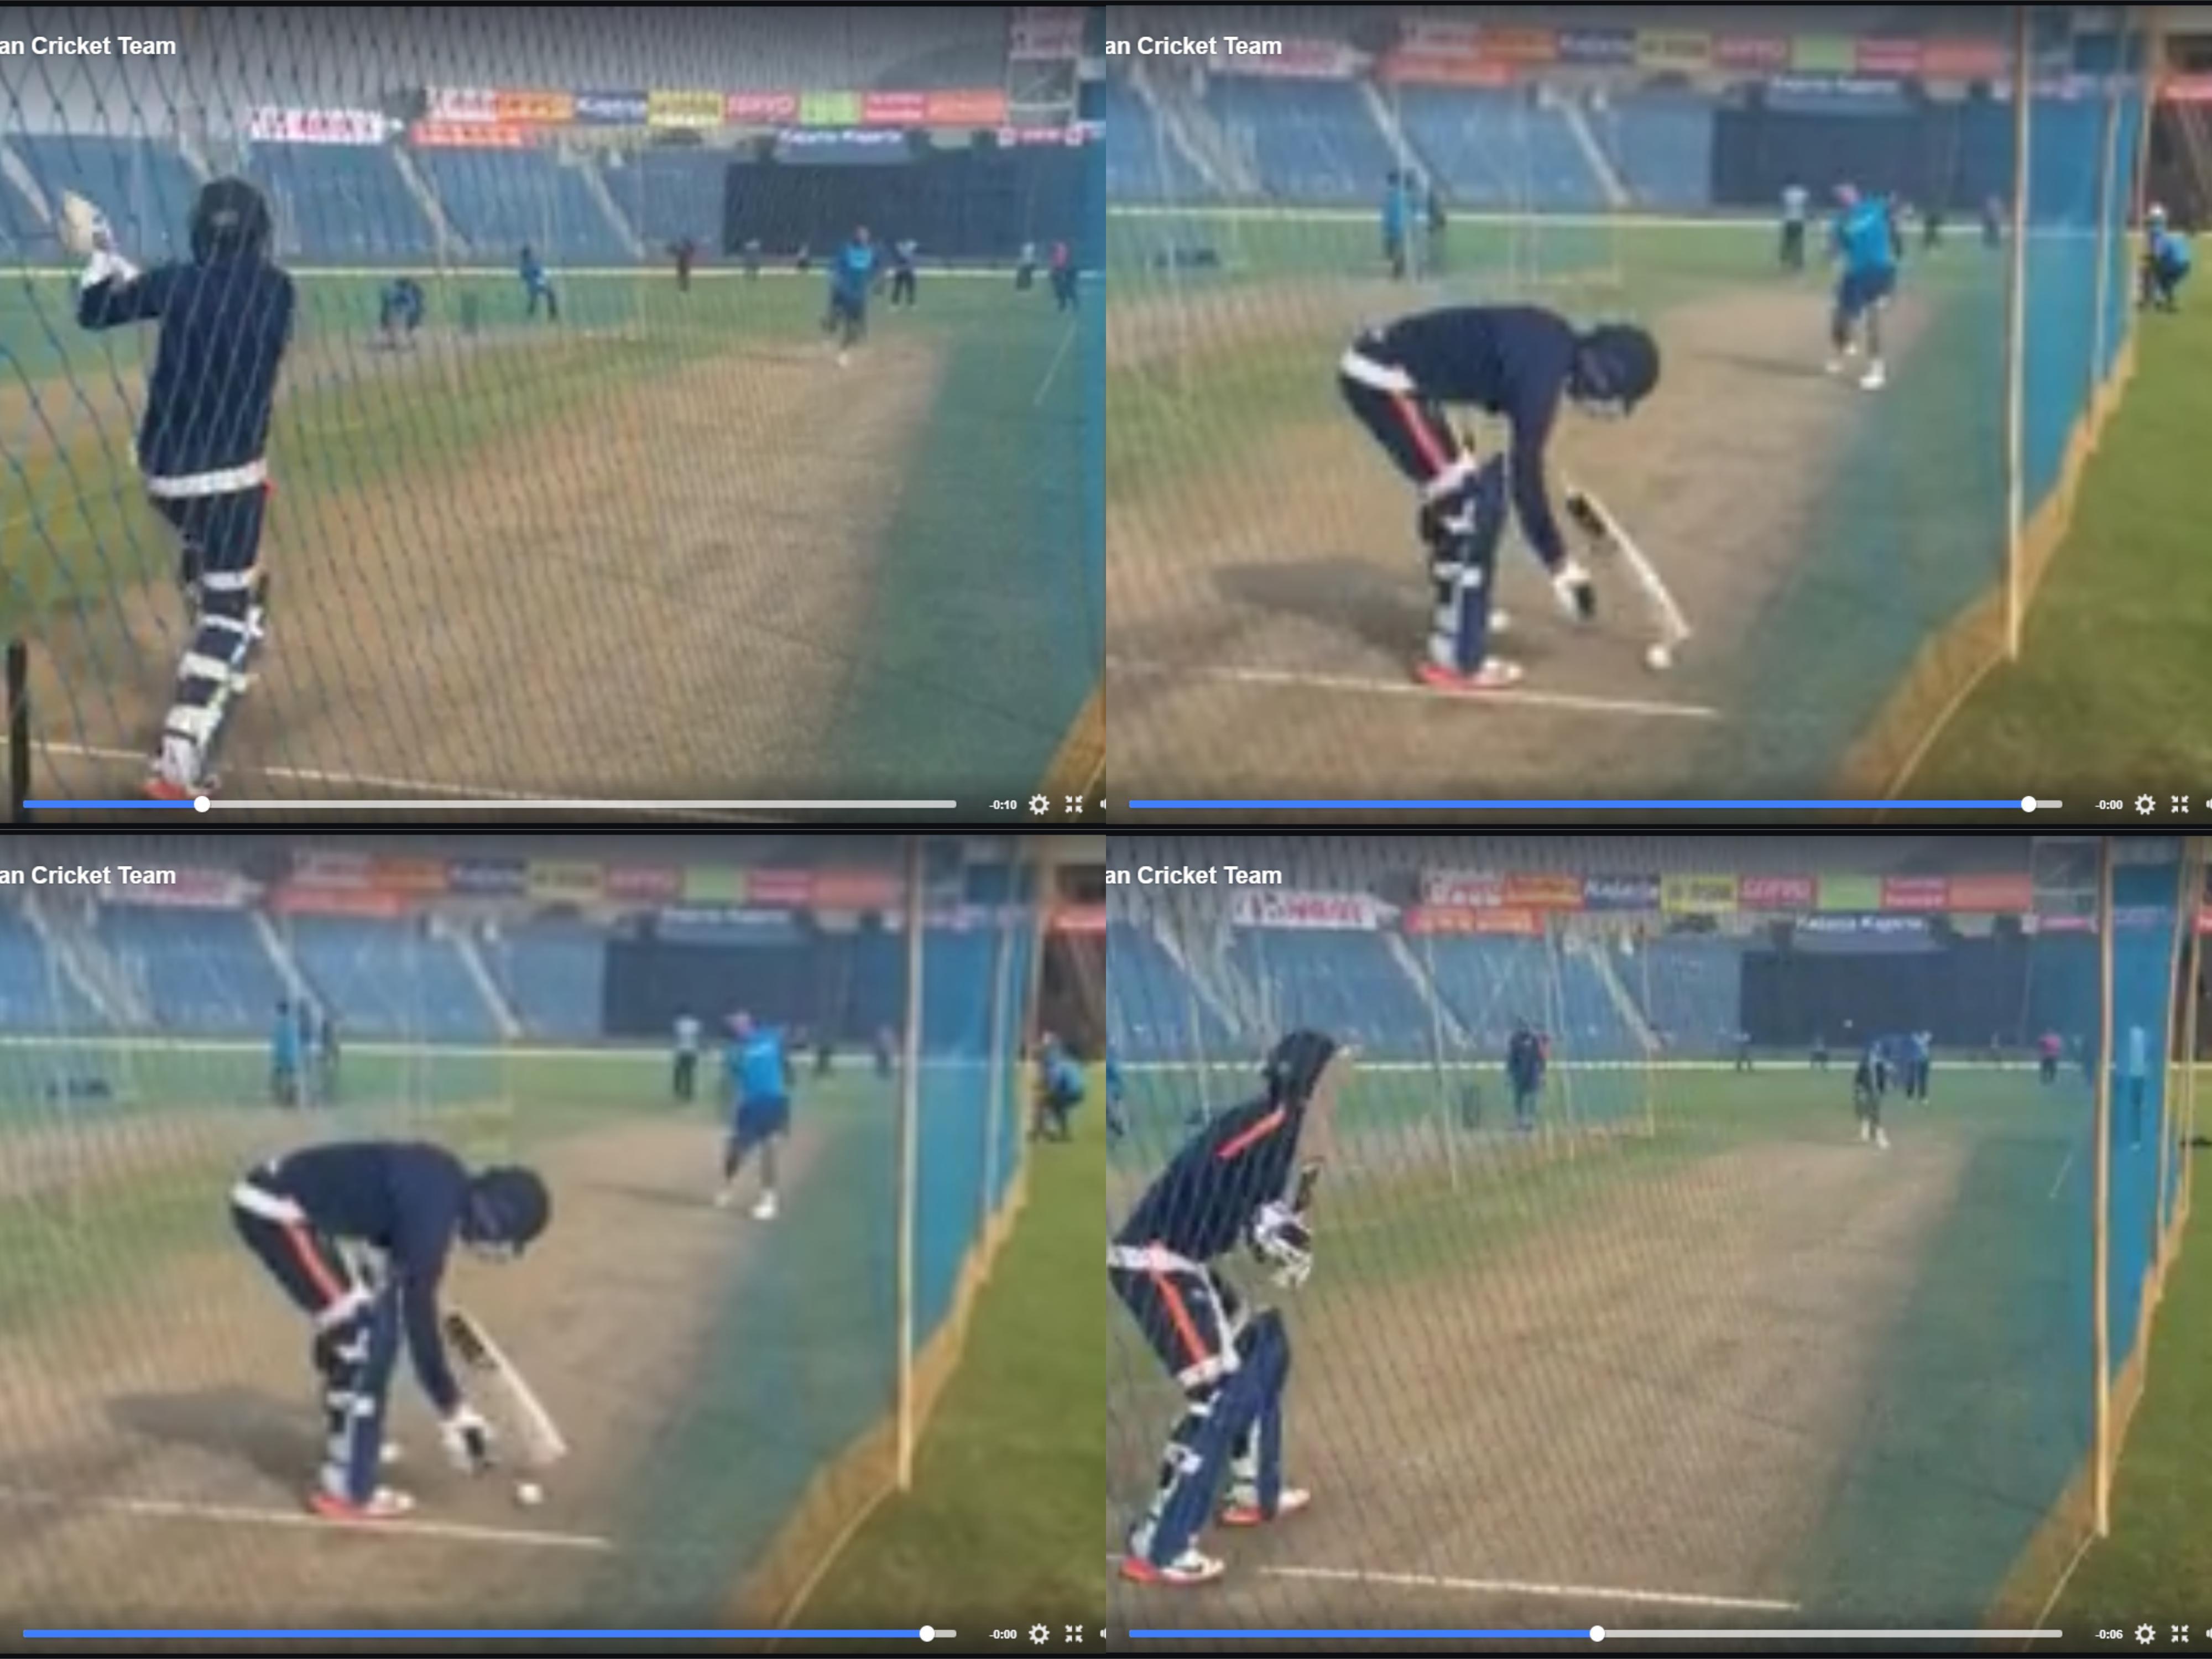 वीडियो: धोनी ने दिखाया गेंदबाजी में भी जौहर, मनीष पाण्डेय को बोल्ड कर अभ्यास के दौरान कुछ इस अंदाज में मनाया जश्न 1